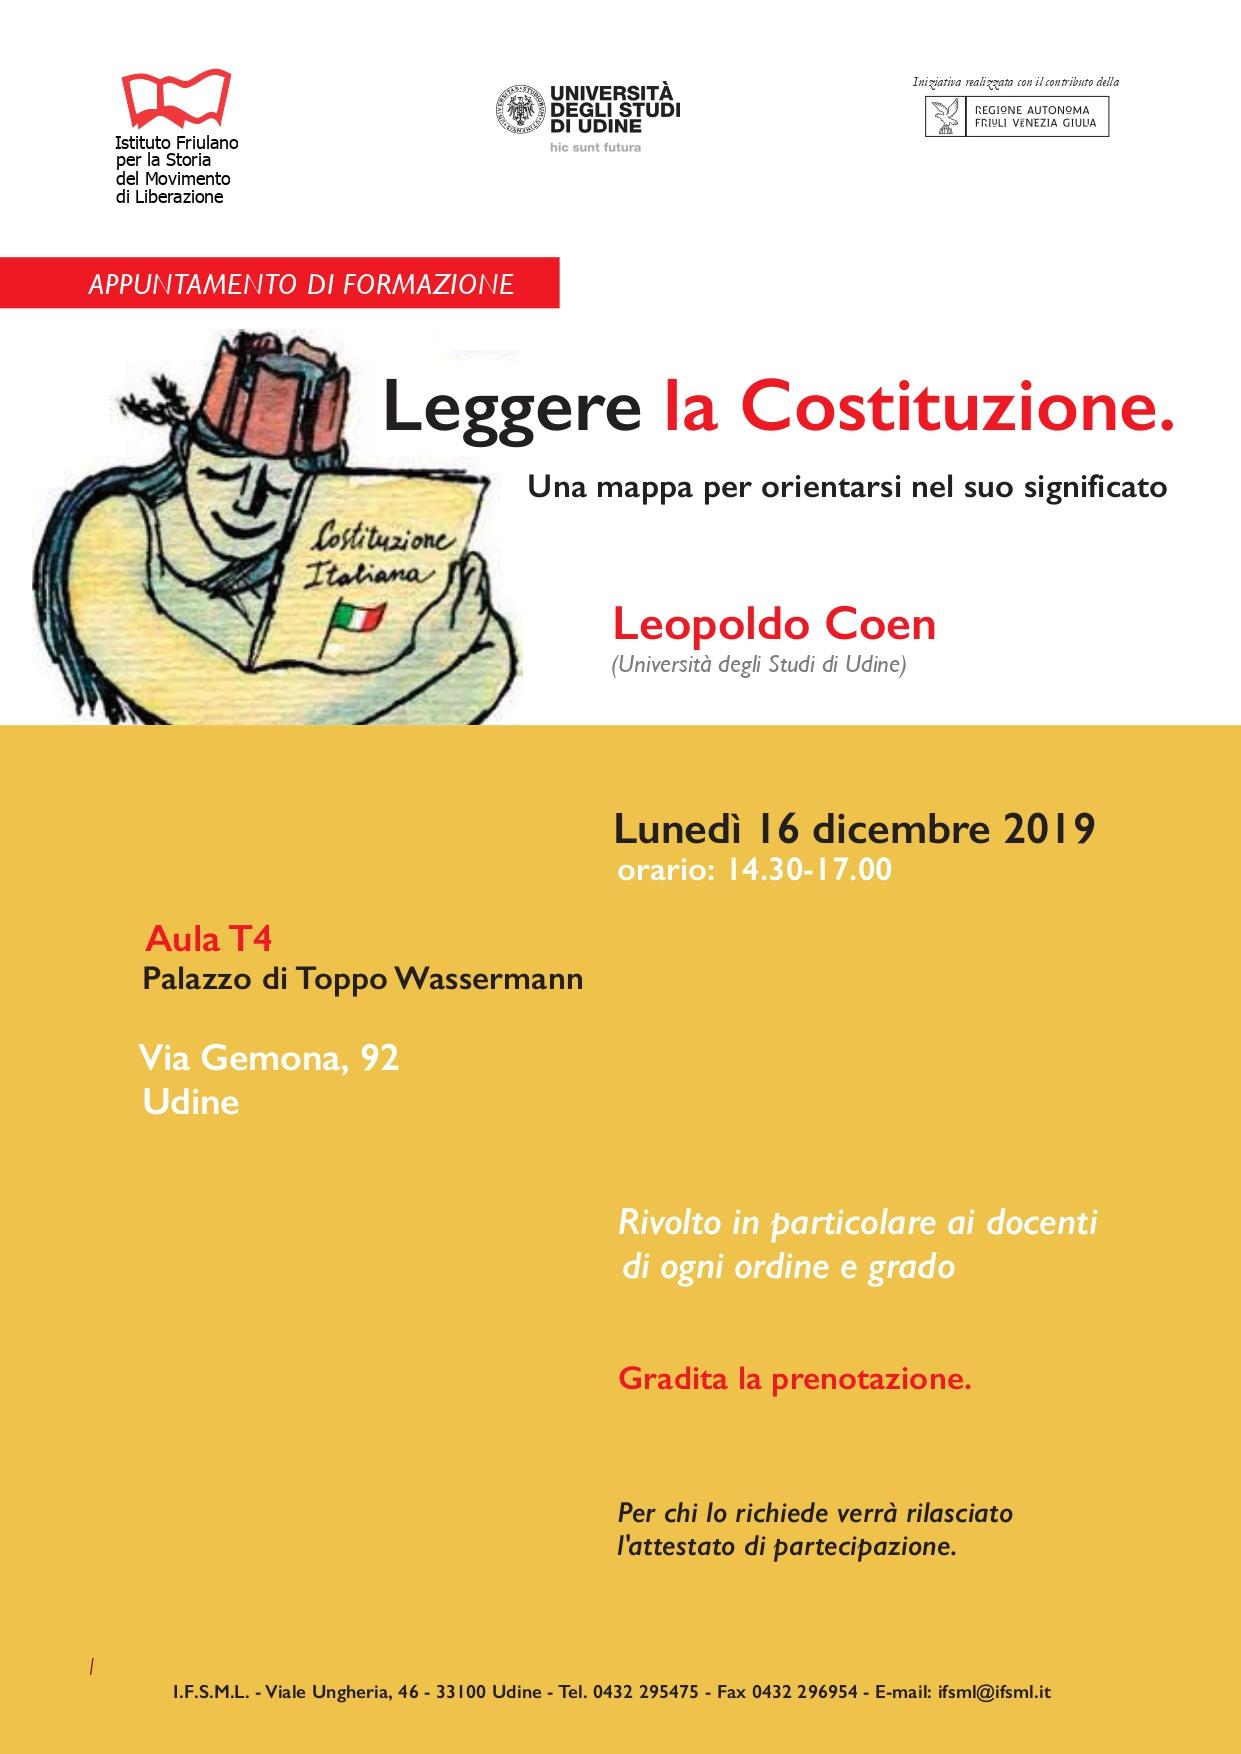 locandina-leggere-costituzione